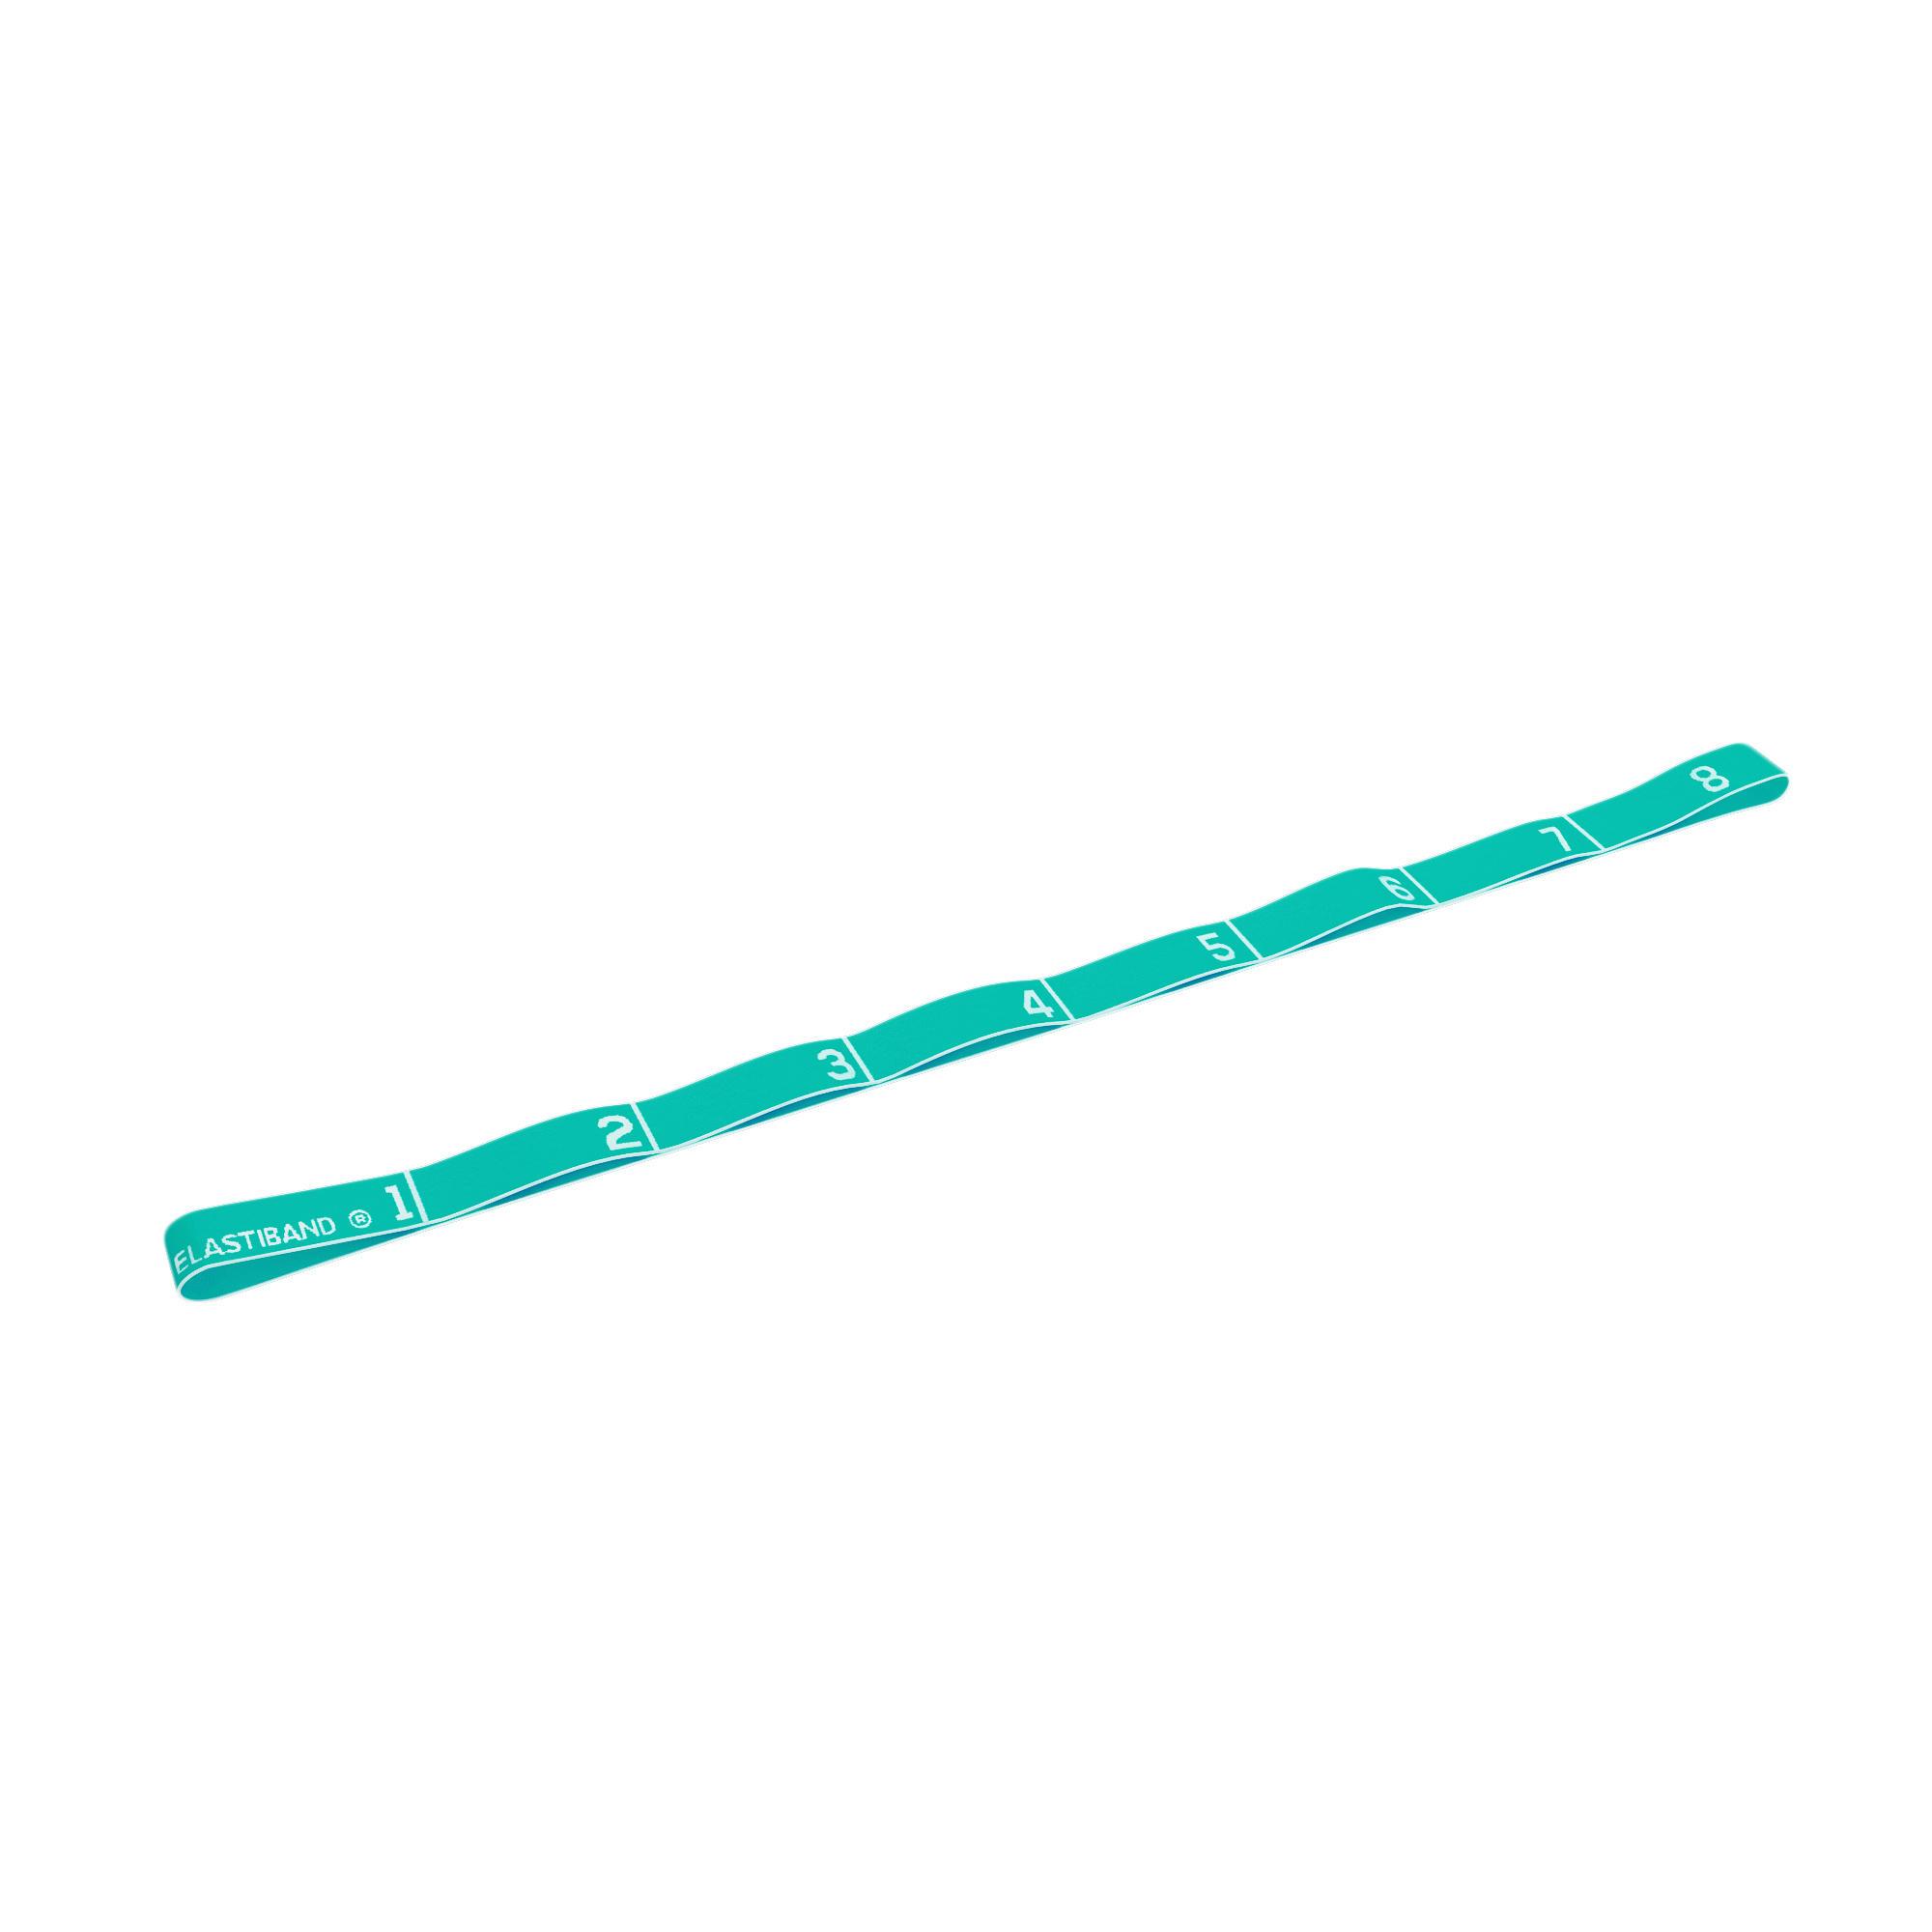 Domyos Weerstandsband 500 textiel met handgrepen pilates stretching lichte weerstand kopen? Sport>Trainingsmateriaal>Elastieken met voordeel vind je hier